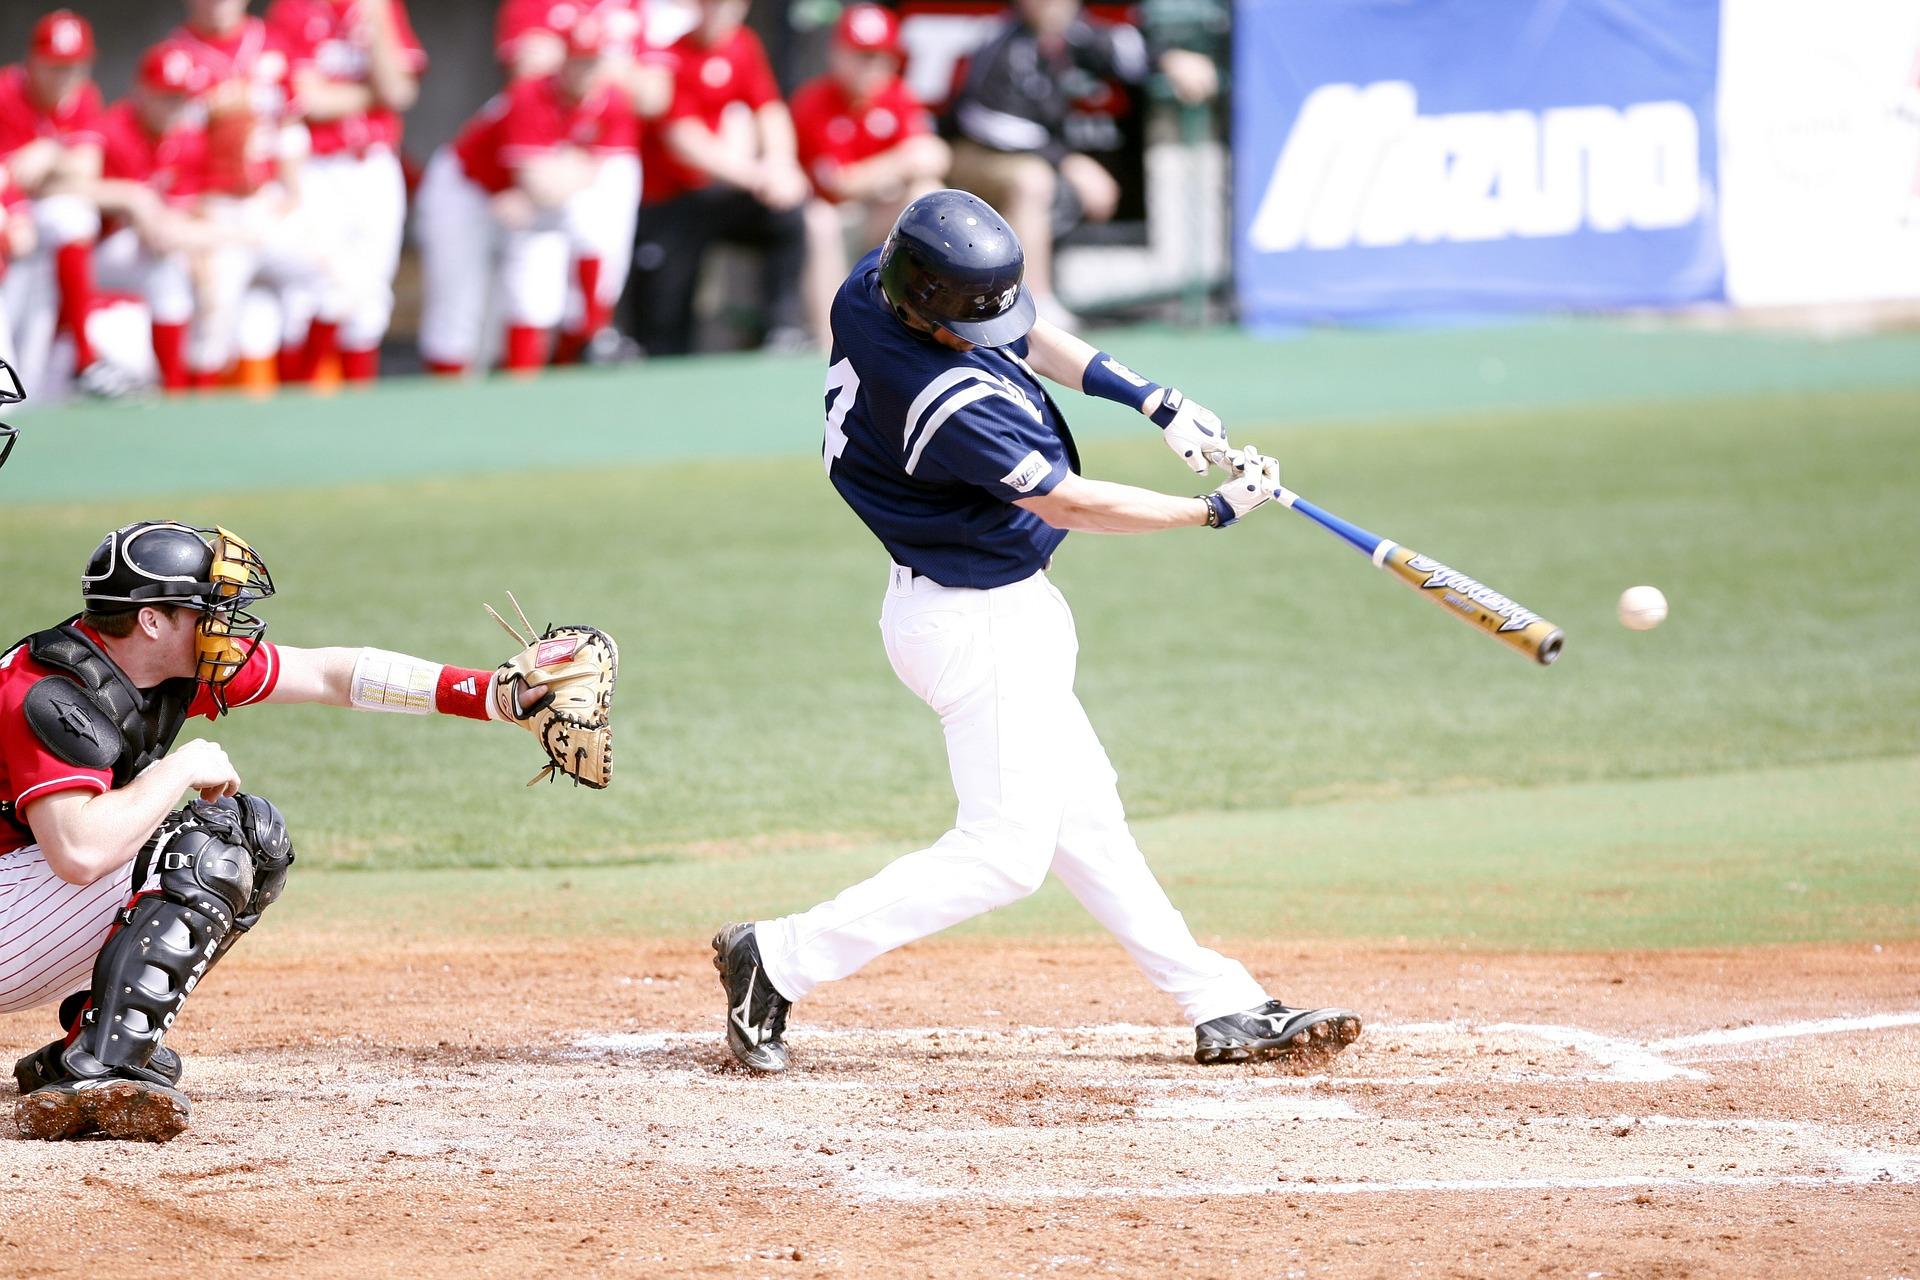 東京オリンピックで見たいランキング2位の野球